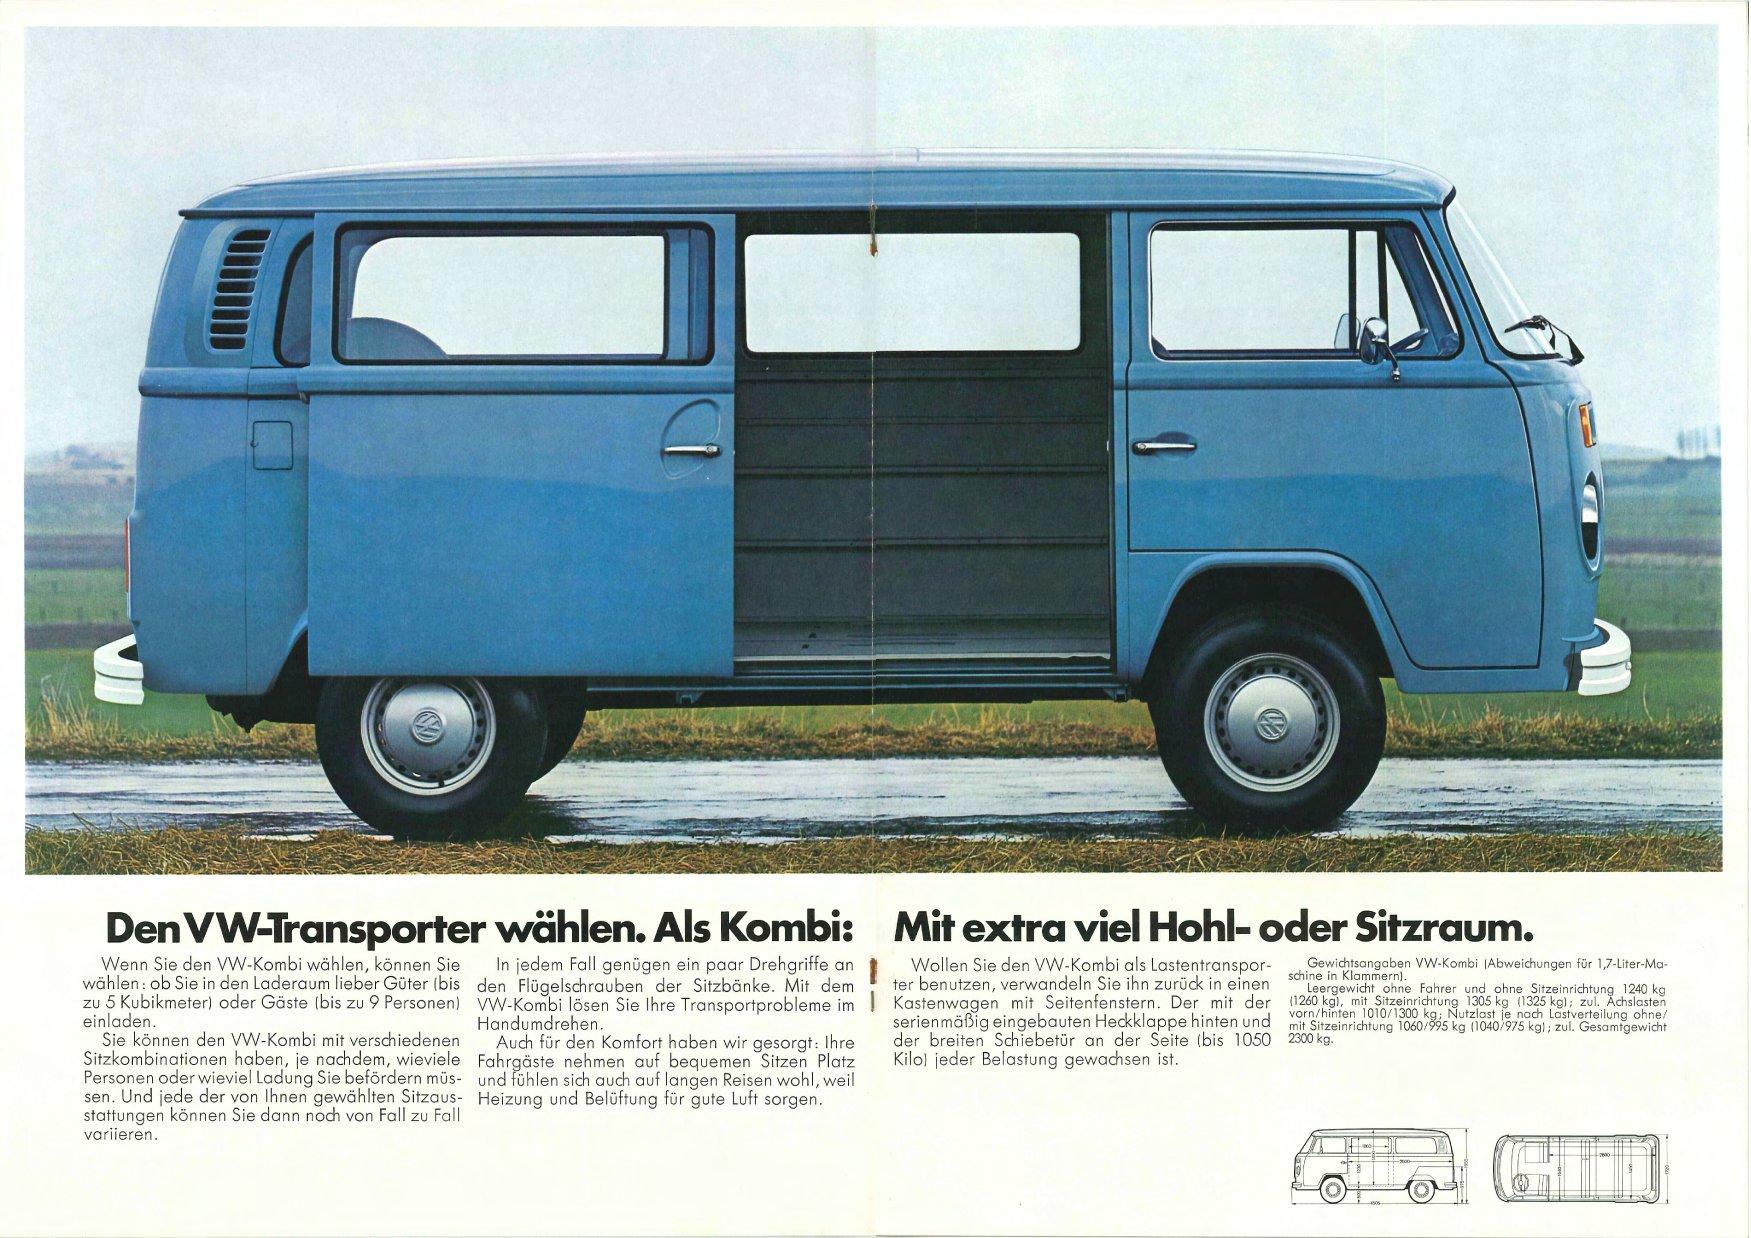 vw archives 1973 vw bus sales brochure der vw transporter german. Black Bedroom Furniture Sets. Home Design Ideas